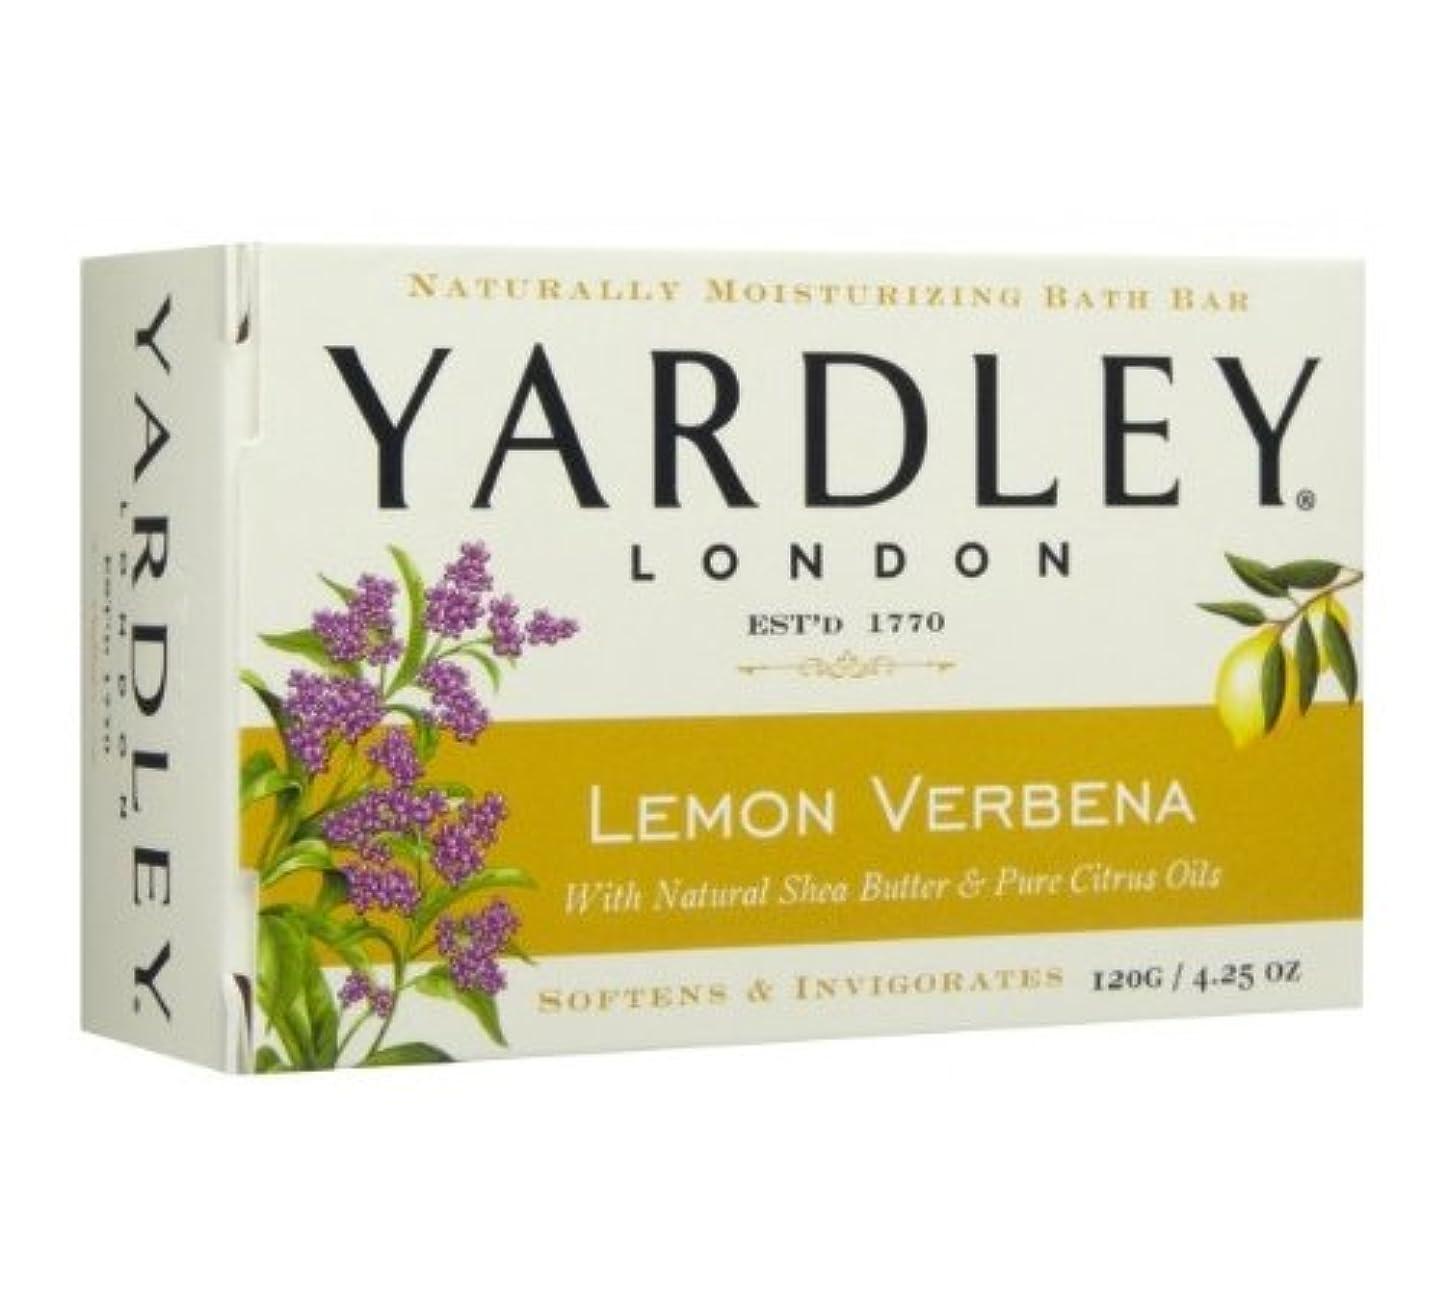 論理的にガジュマル発揮する【2個 ハワイ直送品】Yardley London Lemon Verbena Moisturizing Bath Bar ヤードリー レモンバーベナ ソープ 120g